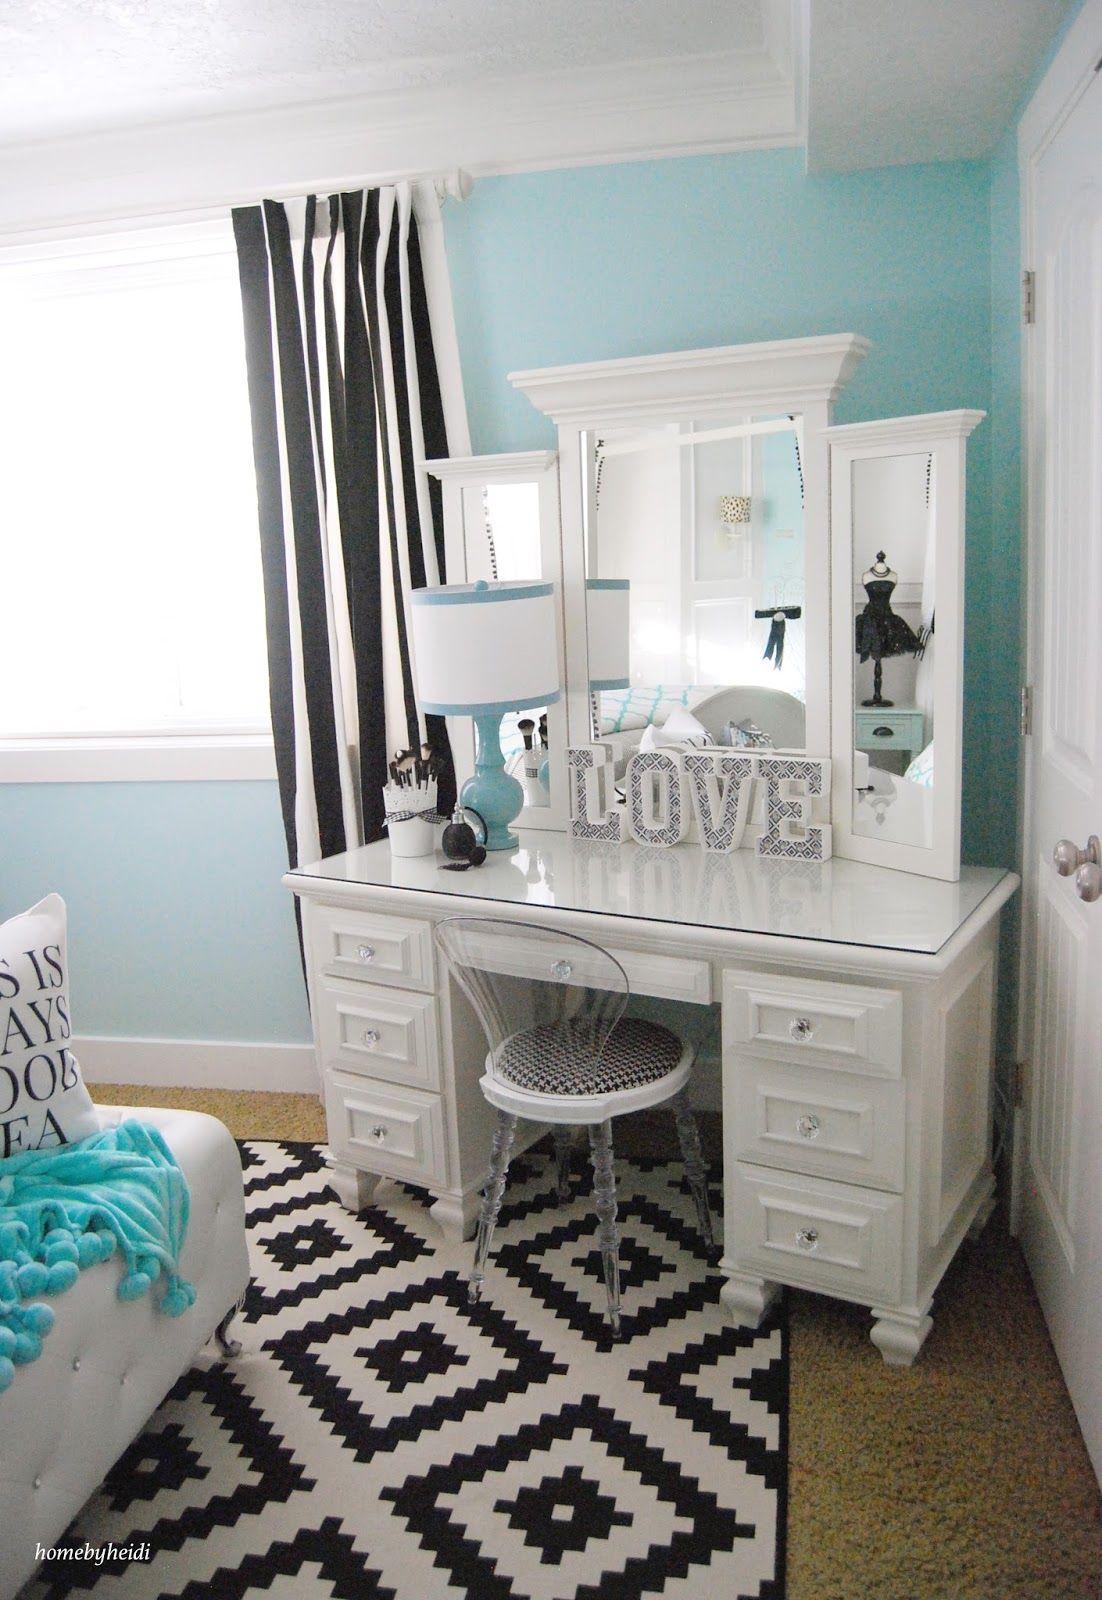 Vanities for girl bedrooms - Pretty Vanity Tiffany Inspired Bedroomteen